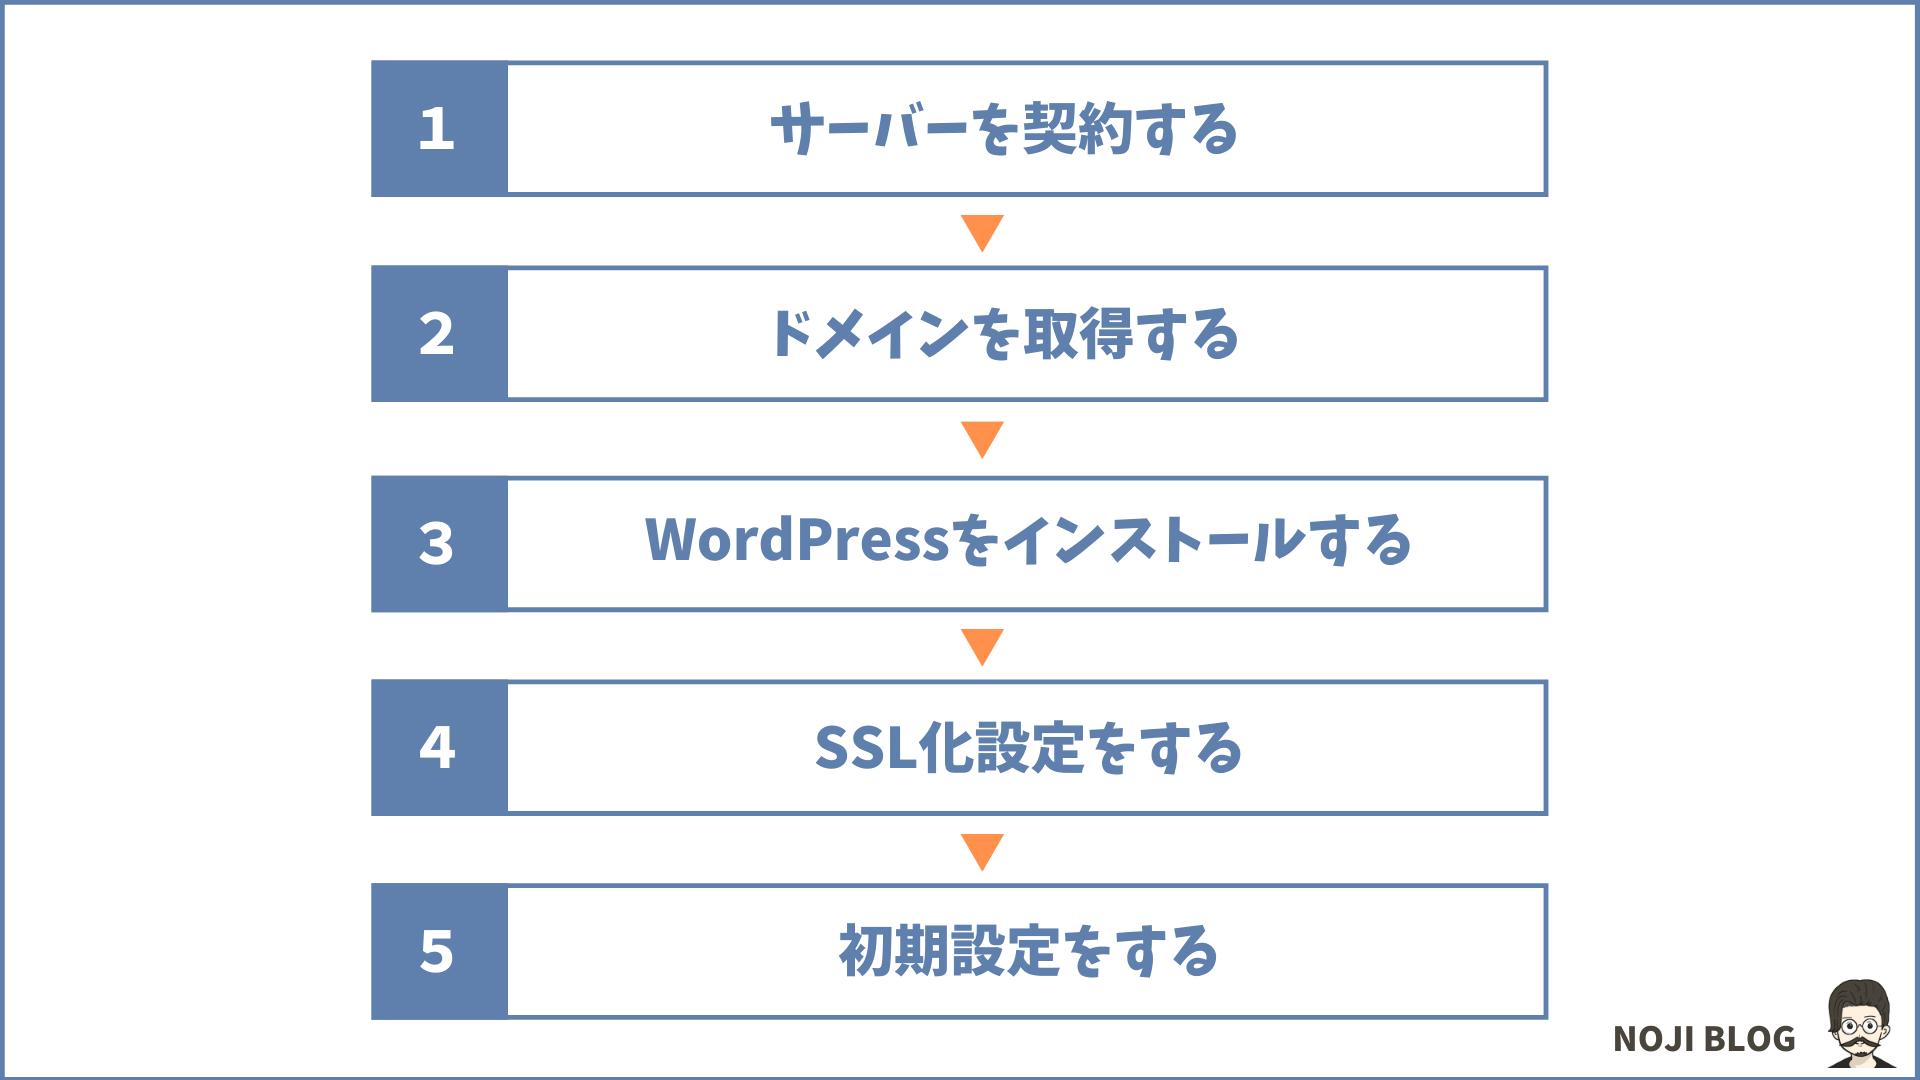 ブログの始め方5つの手順